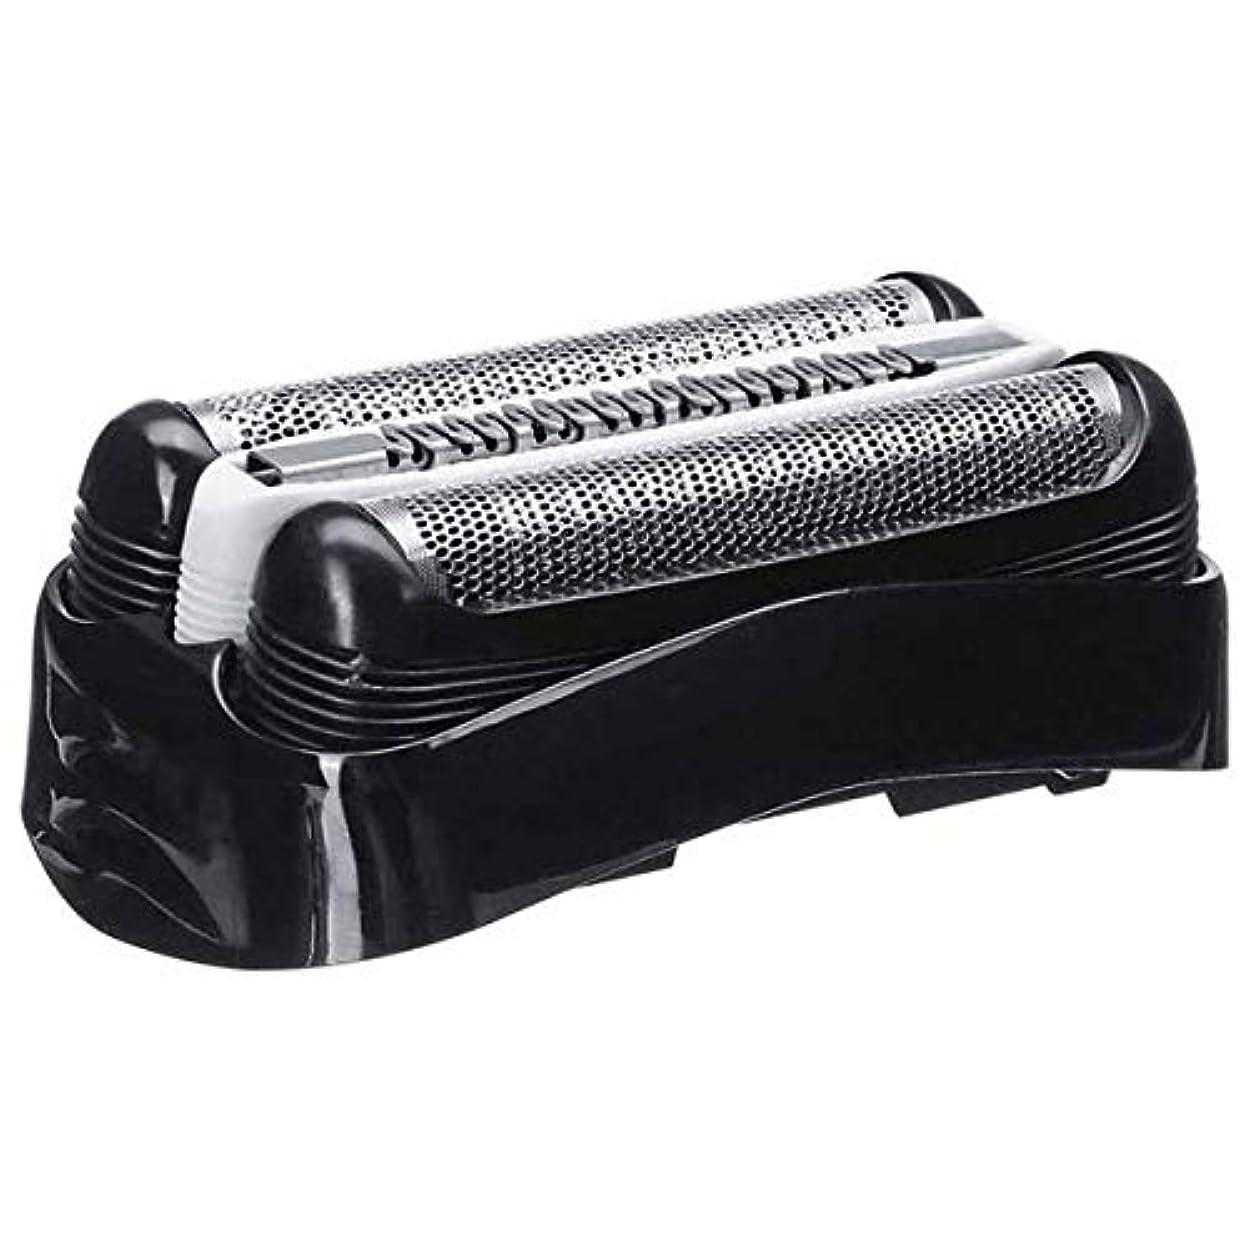 寛大な出版不毛のブラウン用 替刃 シリーズ3 32B (F/C32B F/C32B-5 F/C32B-6) 網刃 内刃 一体型 カセット シェーバー 髭剃り 替え刃 交換 互換品 Braun用 ブラック